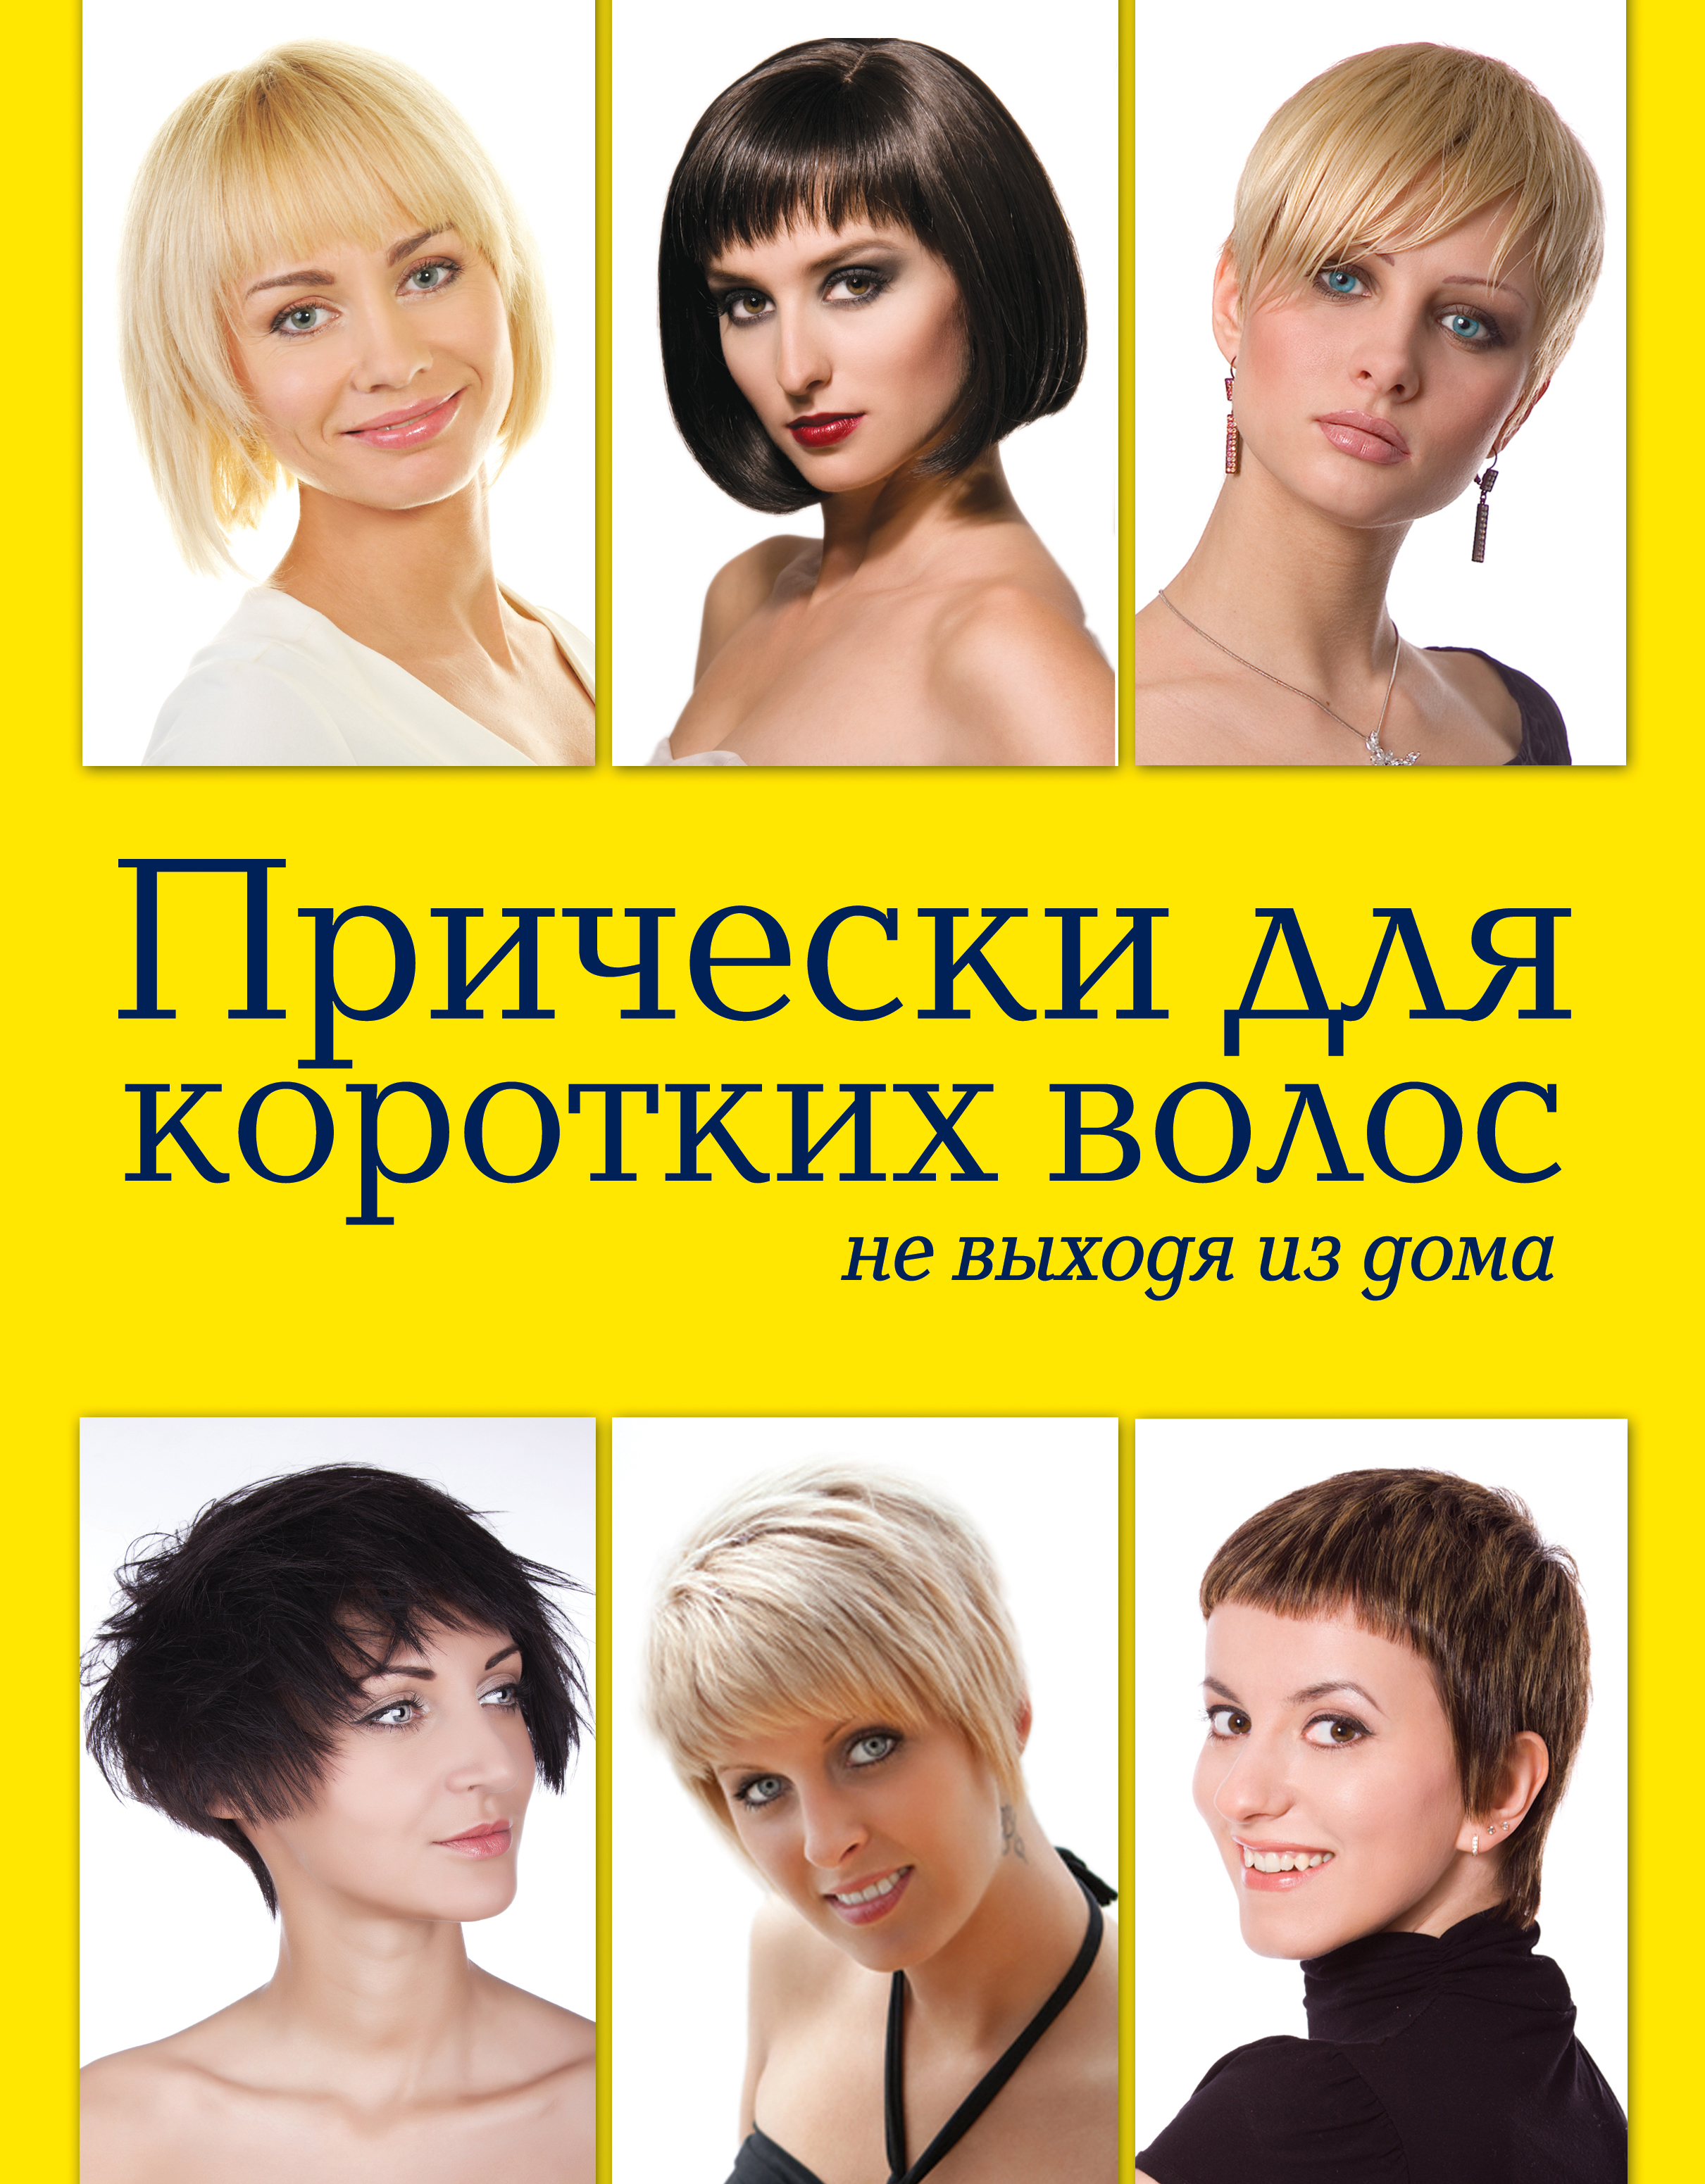 Прически для коротких волос не выходя из дома (KRASOTA. Домашний салон)